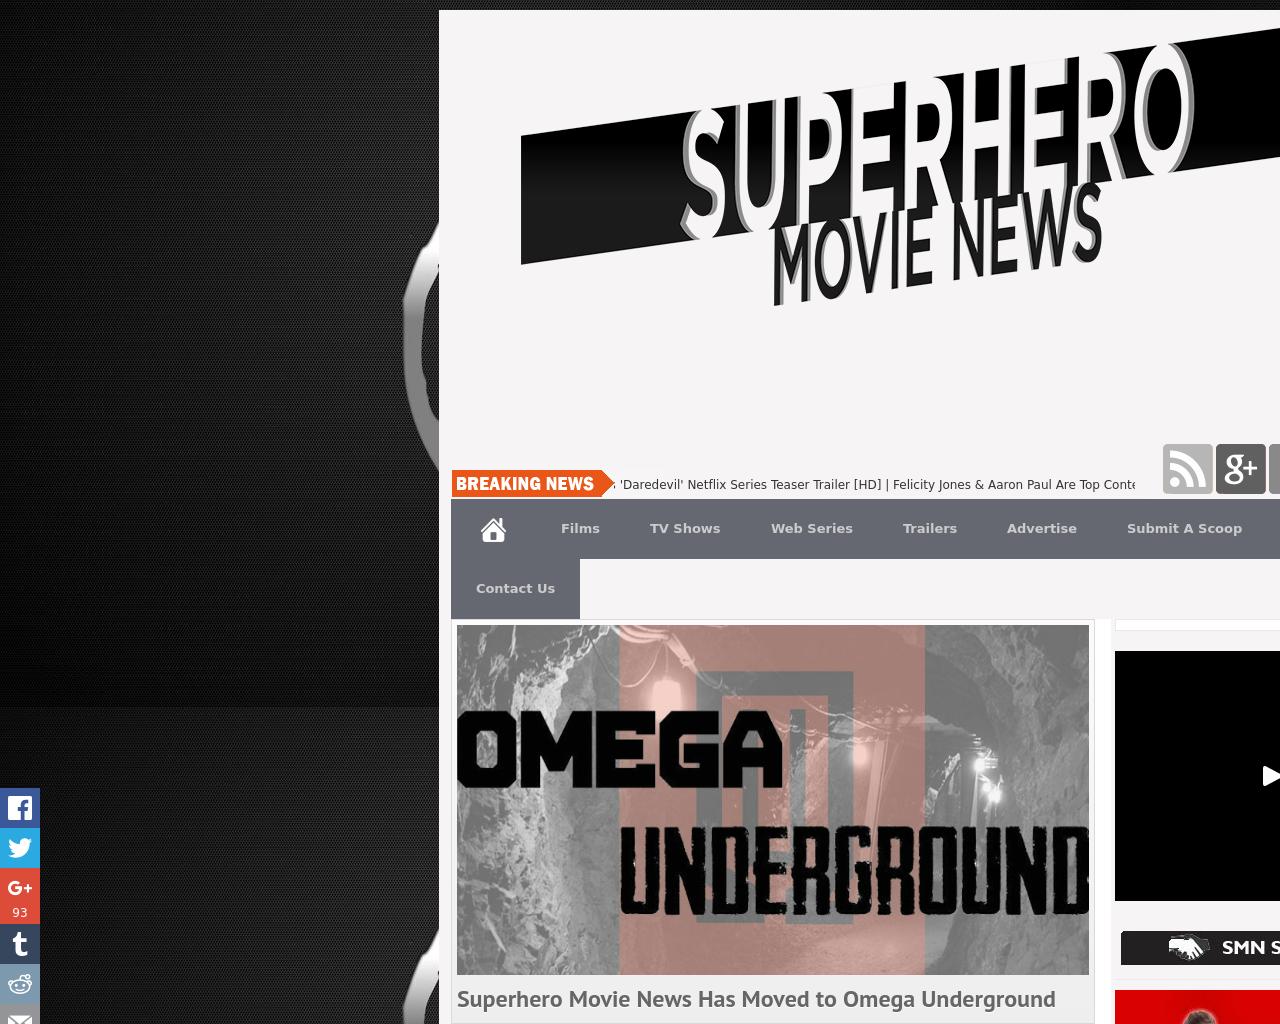 Super-Hero-Movie-News-Advertising-Reviews-Pricing